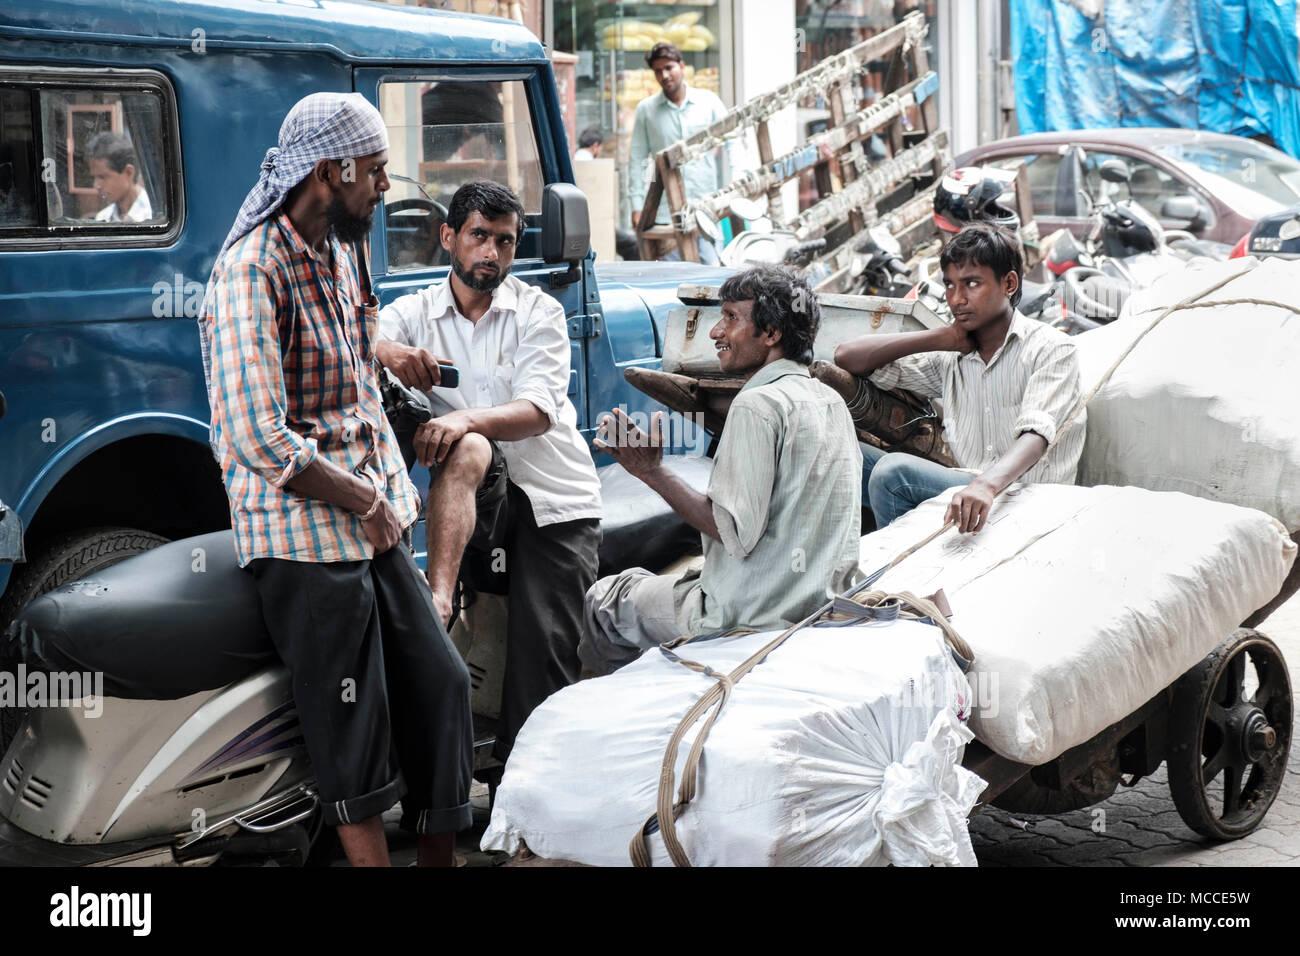 Los comerciantes del mercado hablando juntos en un descanso, cerca de la calle Nagdevi mercado Crawford, Mumbai Imagen De Stock